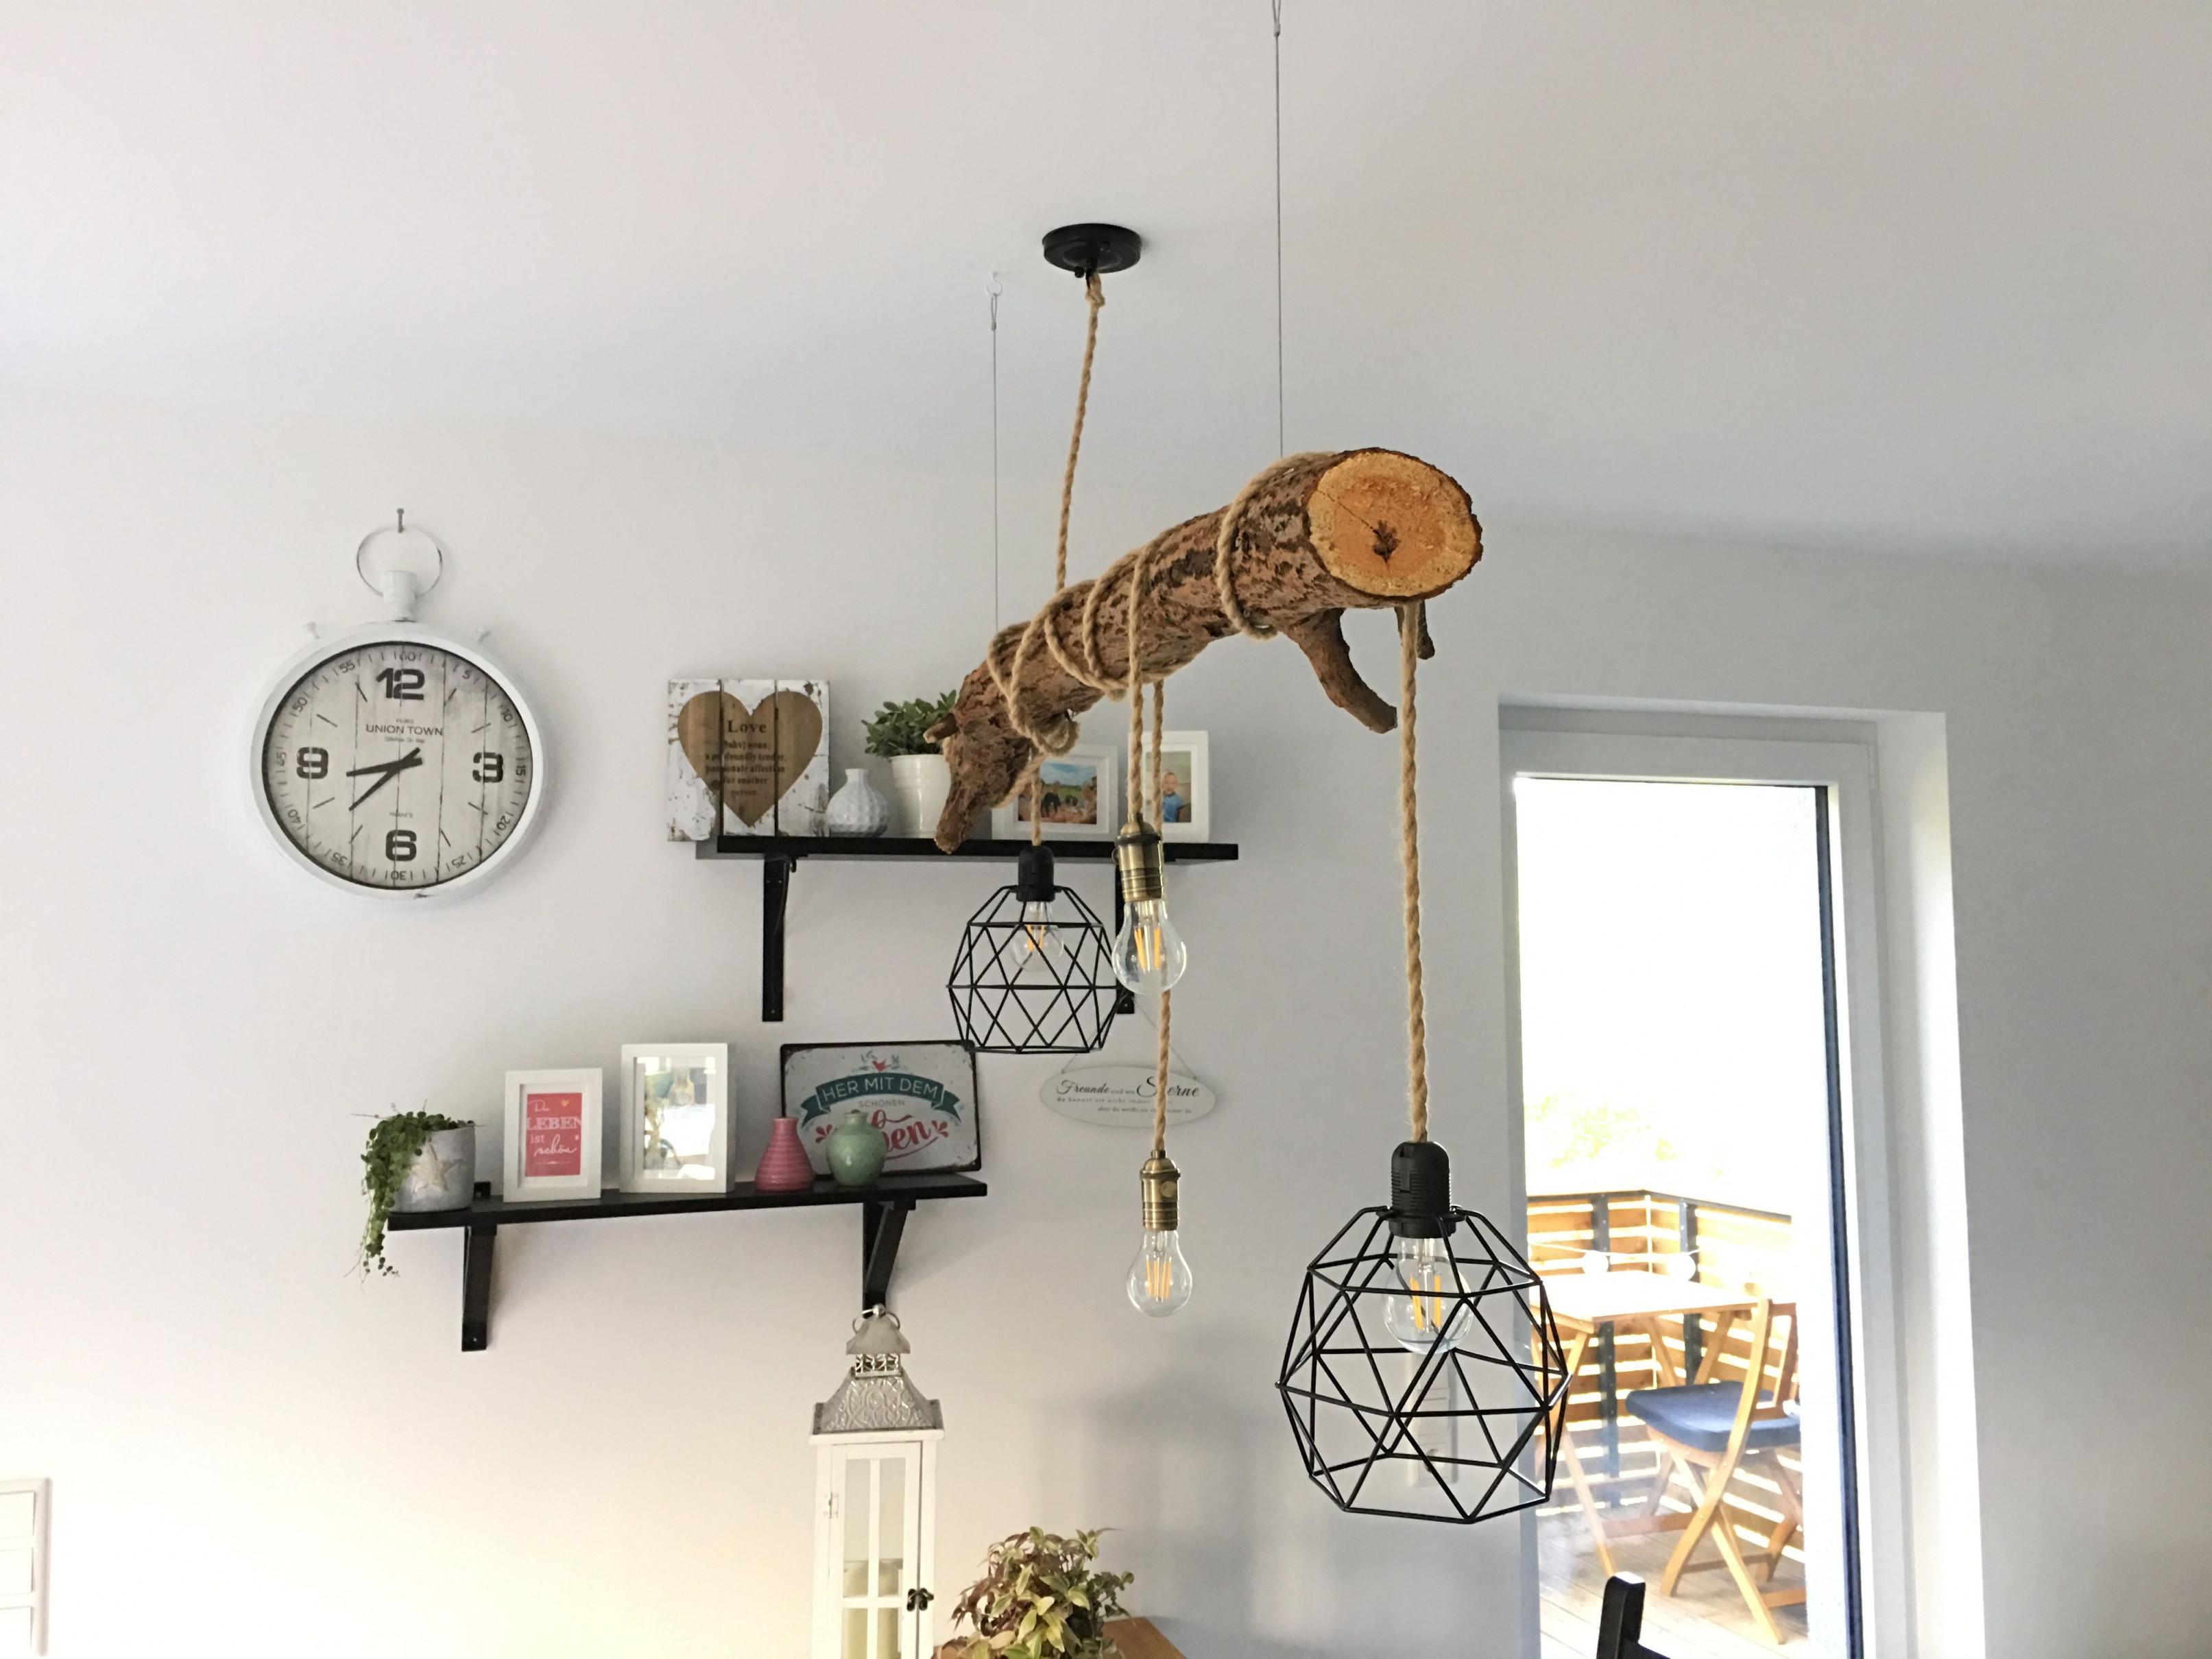 Led Lampe Holz Ast Vintage Esstisch Diy Wood  Lampe Holz von Wohnzimmer Lampe Holz Bild